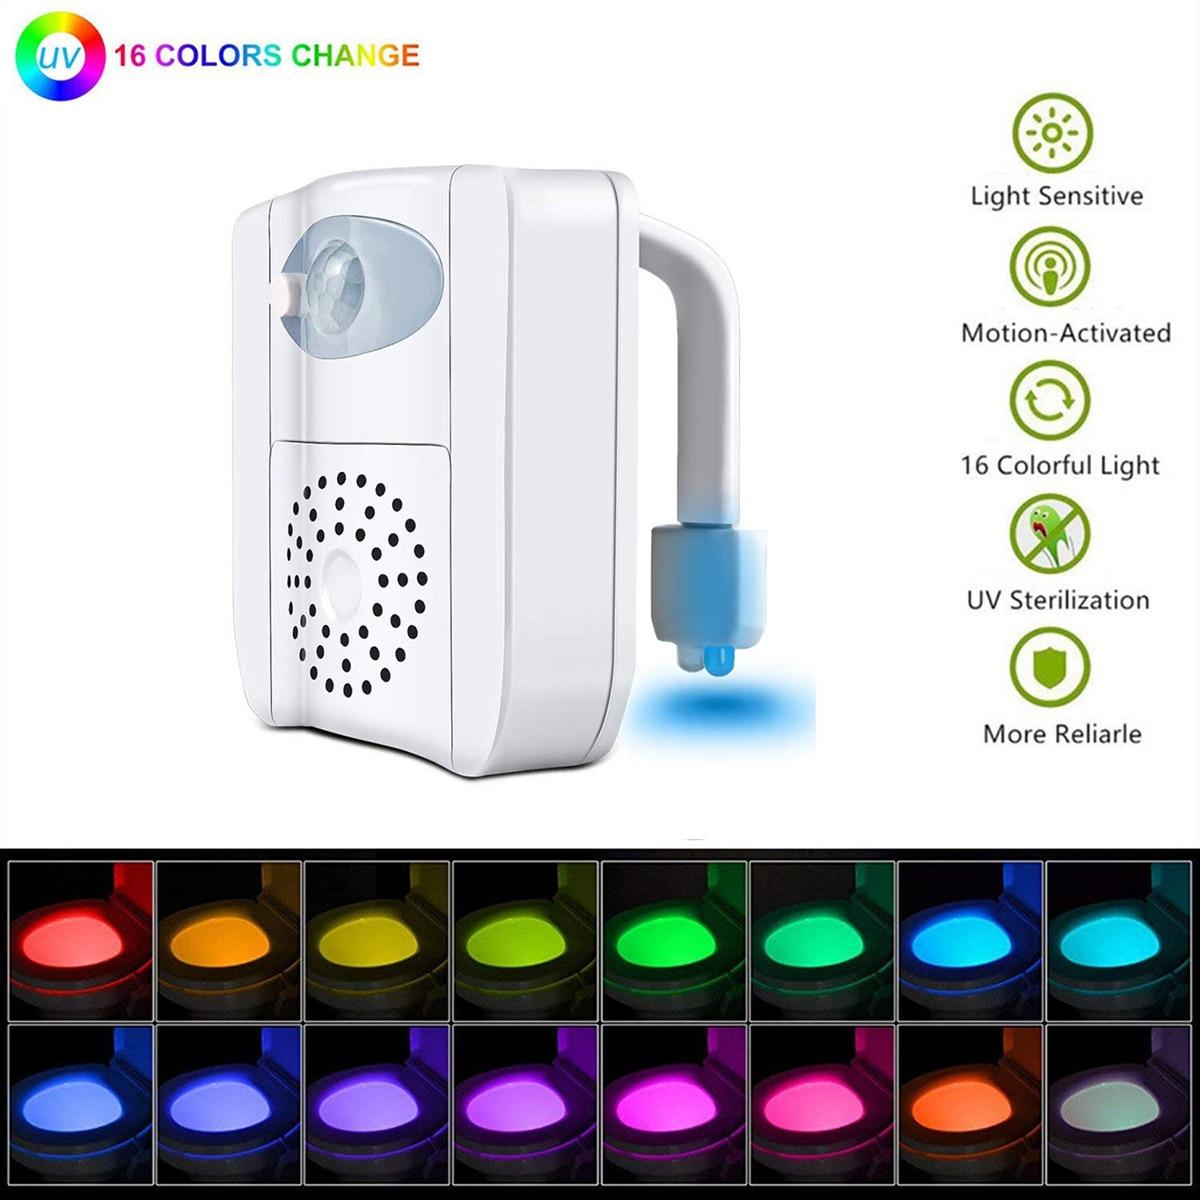 Подсветка для сиденья унитаза ночник УФ Дезинфекция умный датчик движения 16 цветов водонепроницаемая подсветка для унитаза чаши светодиод...